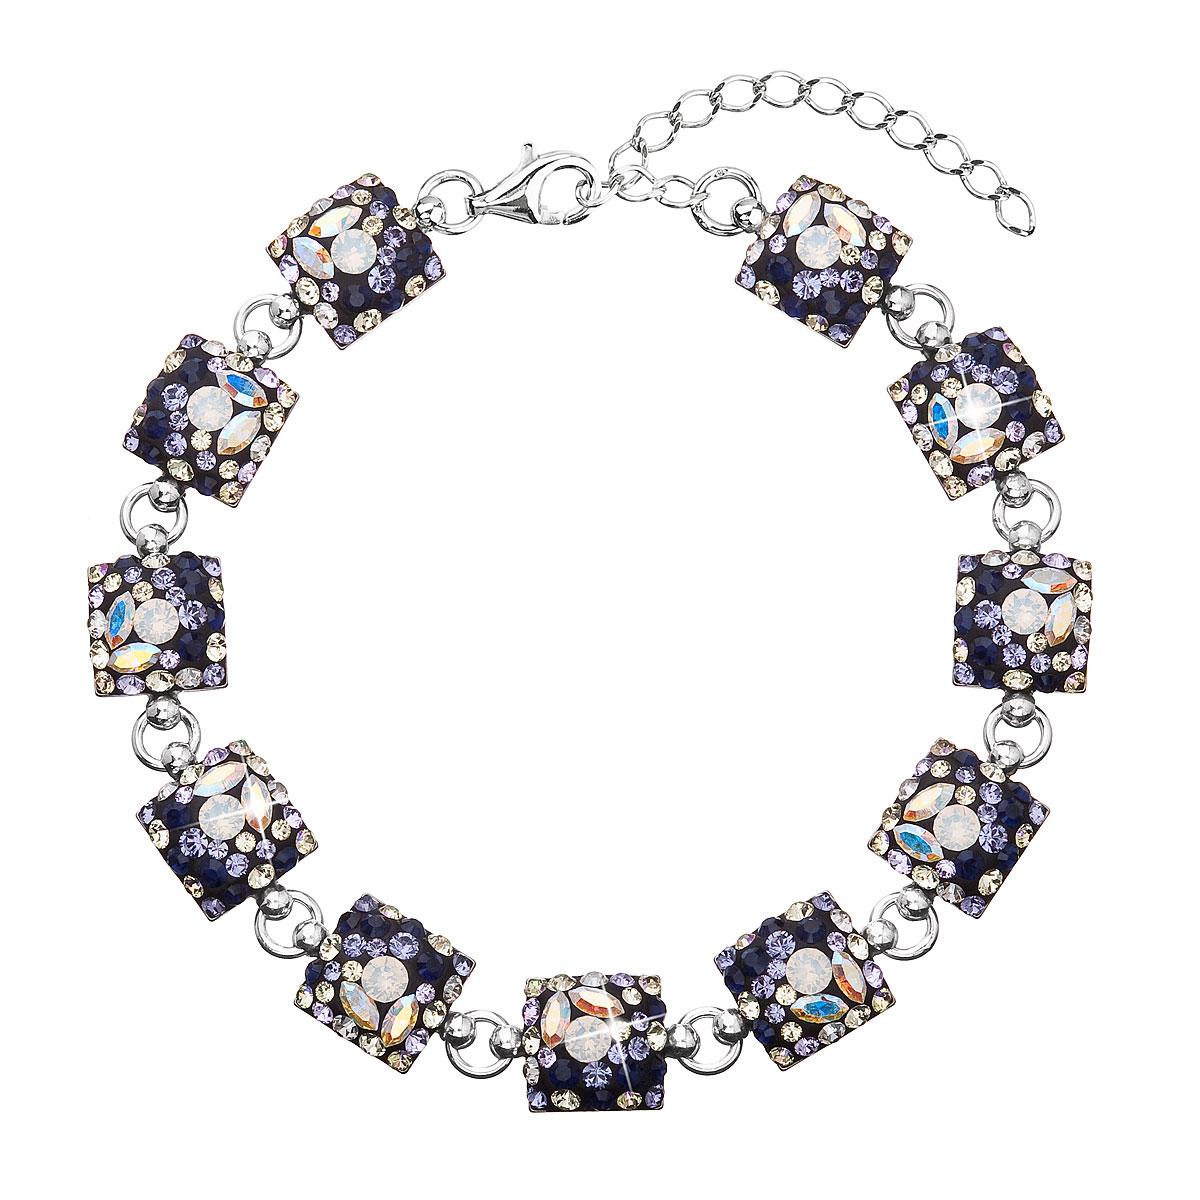 Stříbrný náramek se Swarovski krystaly mix barev 33047.3 indigo